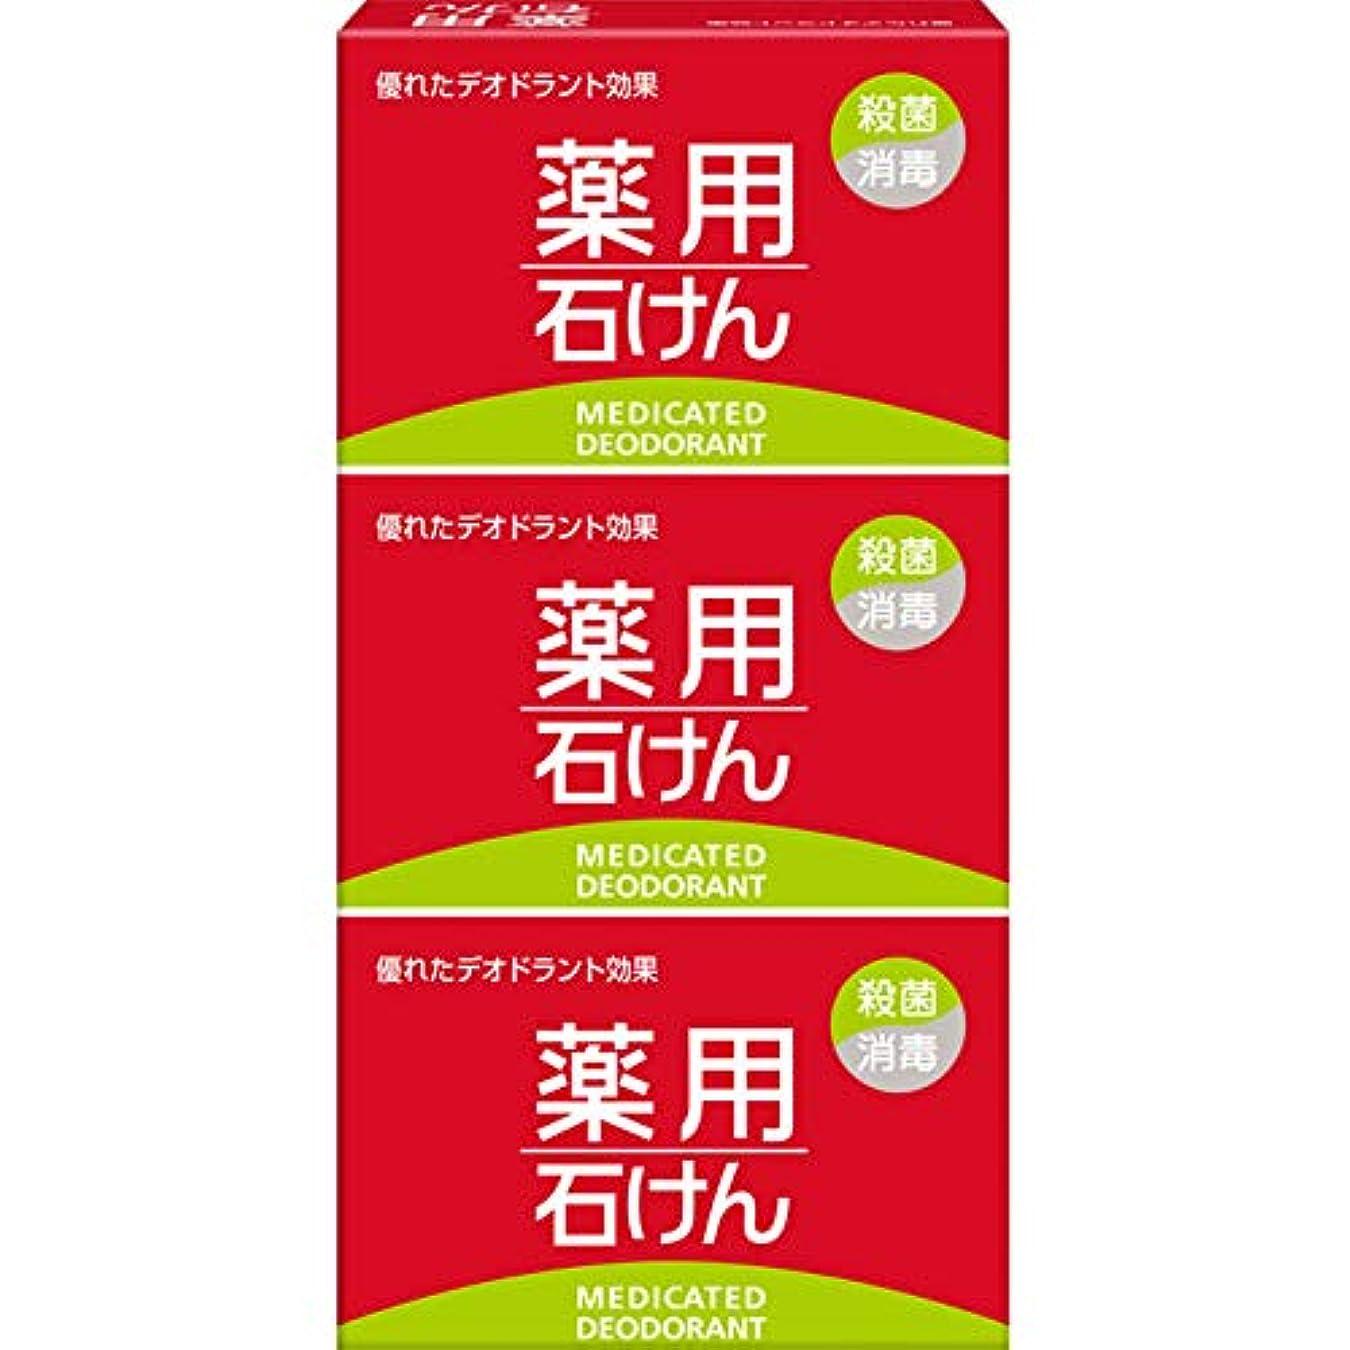 りんご悔い改め値下げ薬用石けん 100g×3個 (医薬部外品)